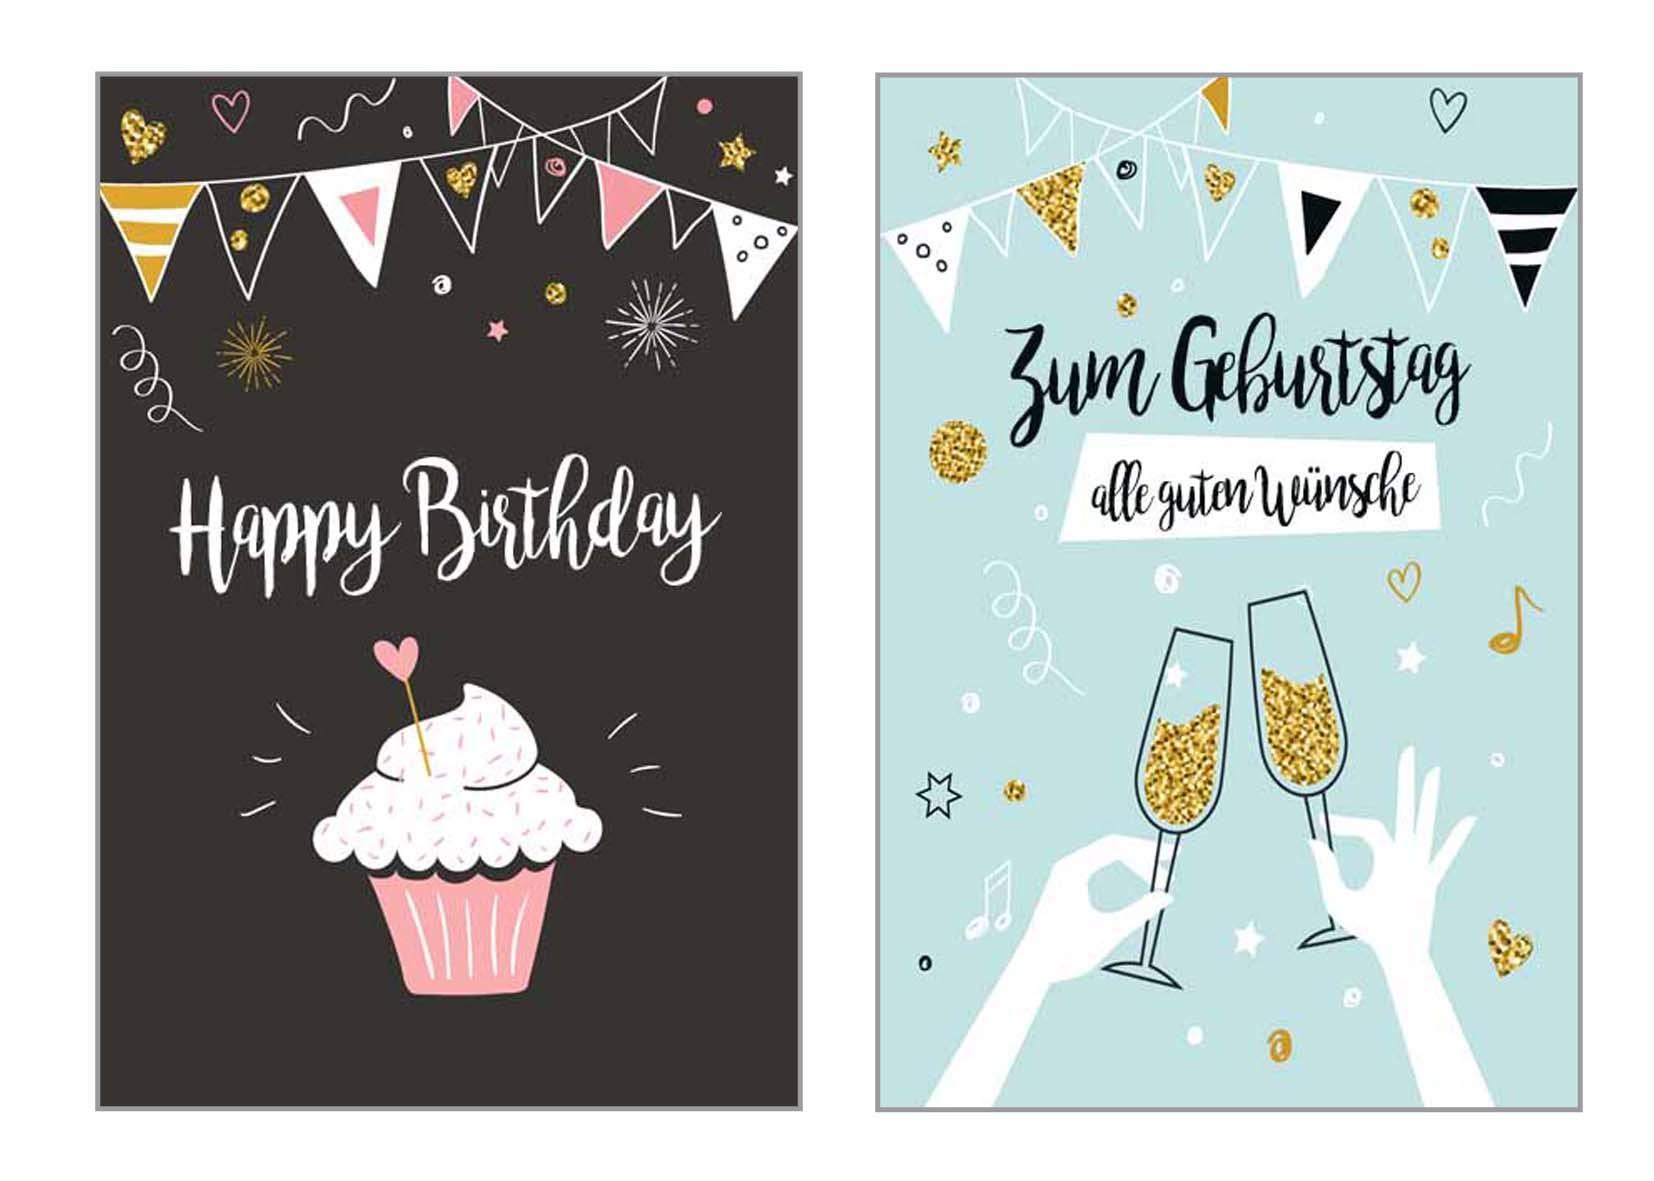 Happy Birthday Karte Für Frauen.Set 6 Exklusive Geburtstagskarten Mit Glimmerveredelung Und Umschlag Glückwunschkarte Grusskarte Zum Geburtstag Geburtstagskarte Karte Mann Frau